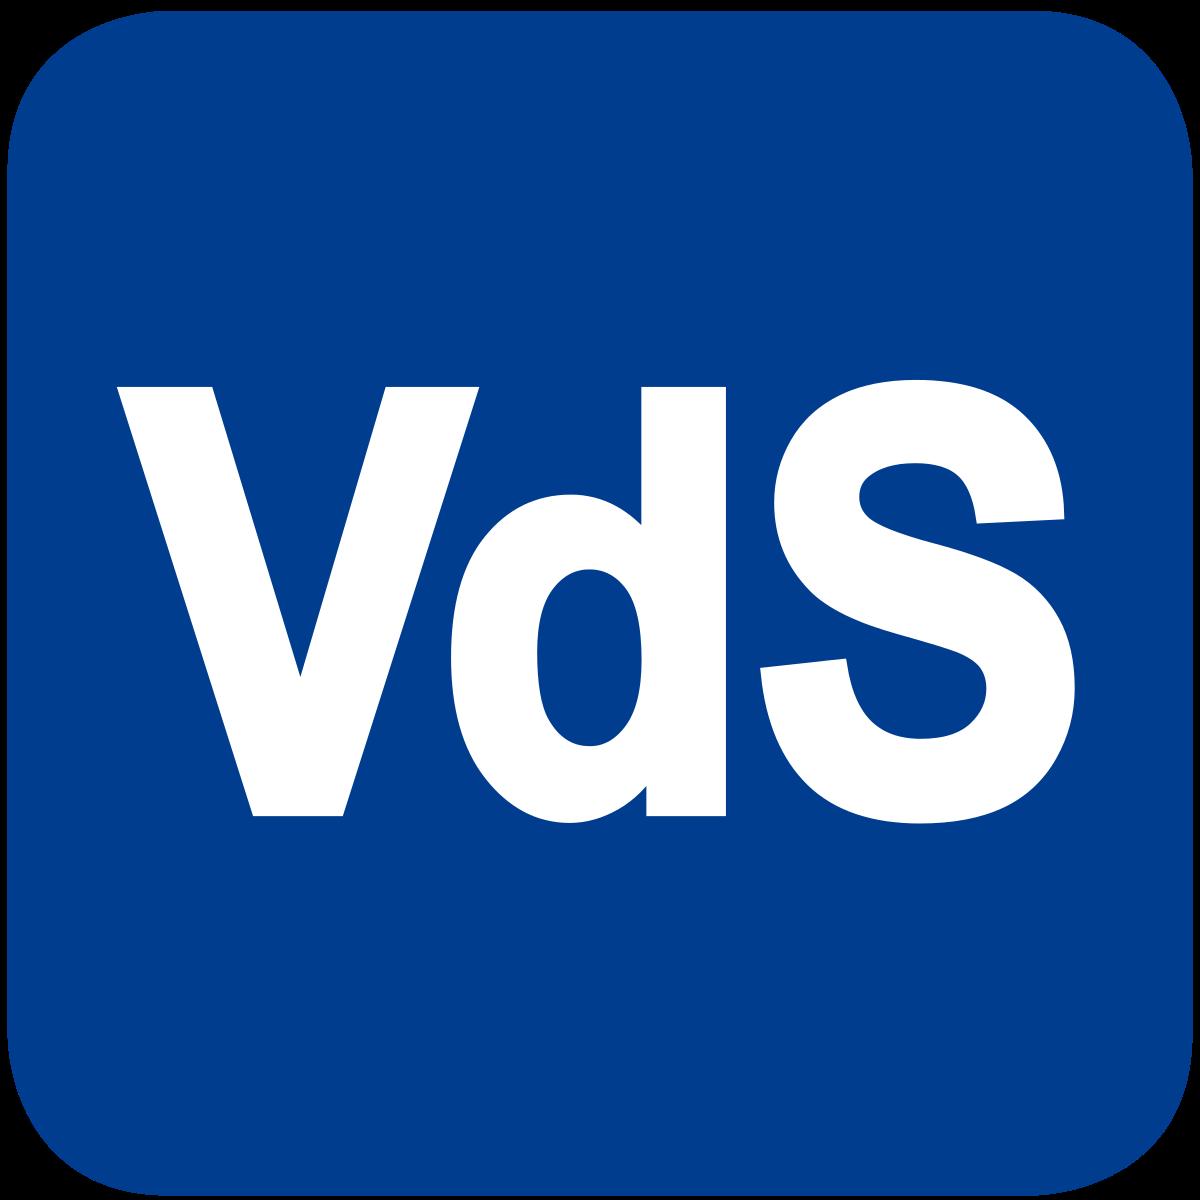 Logo der VdS GmbH